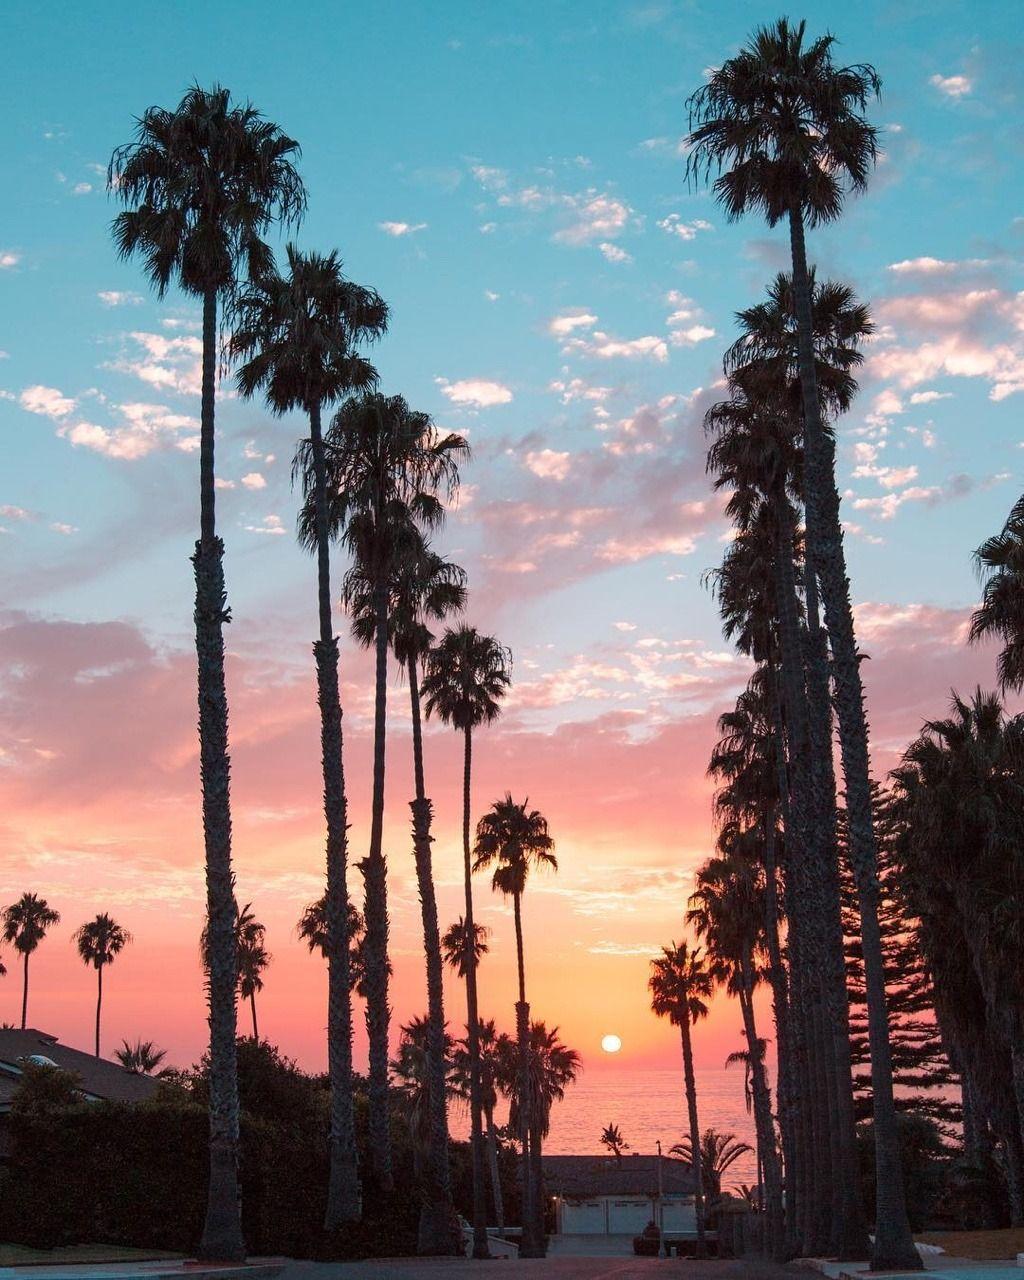 La Jolla Beach, San Diego, California by debodoes